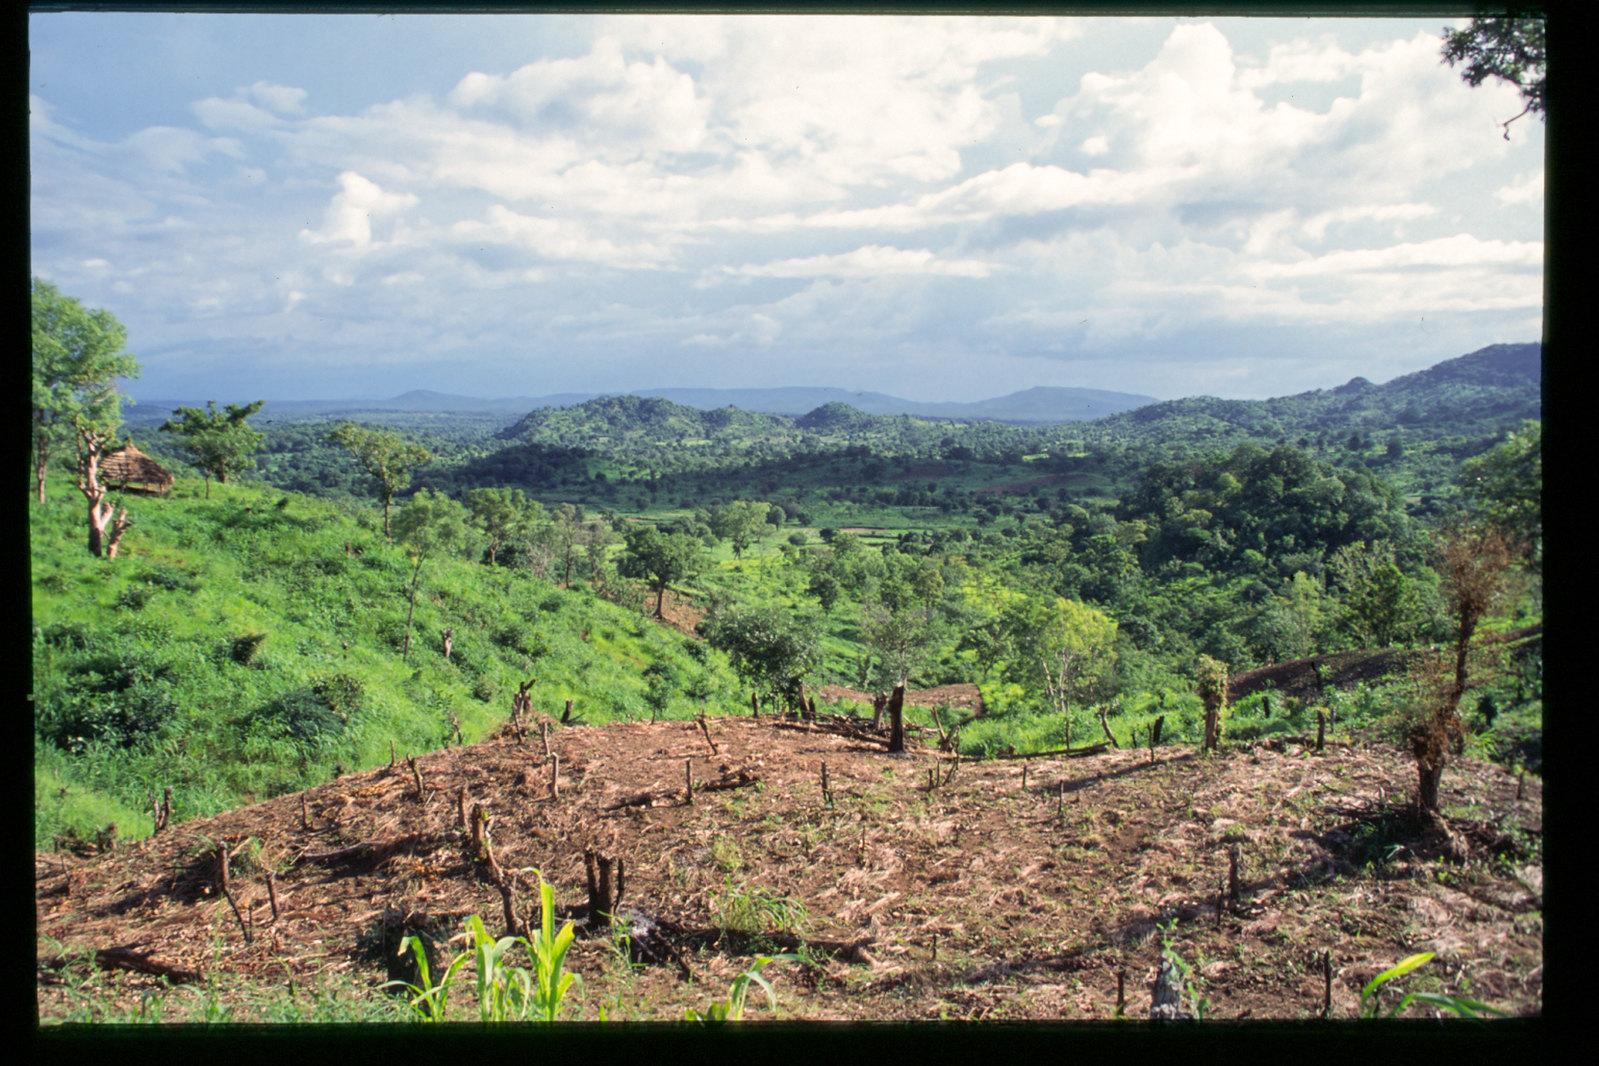 Senegal - Collines et forêts du pays bassari